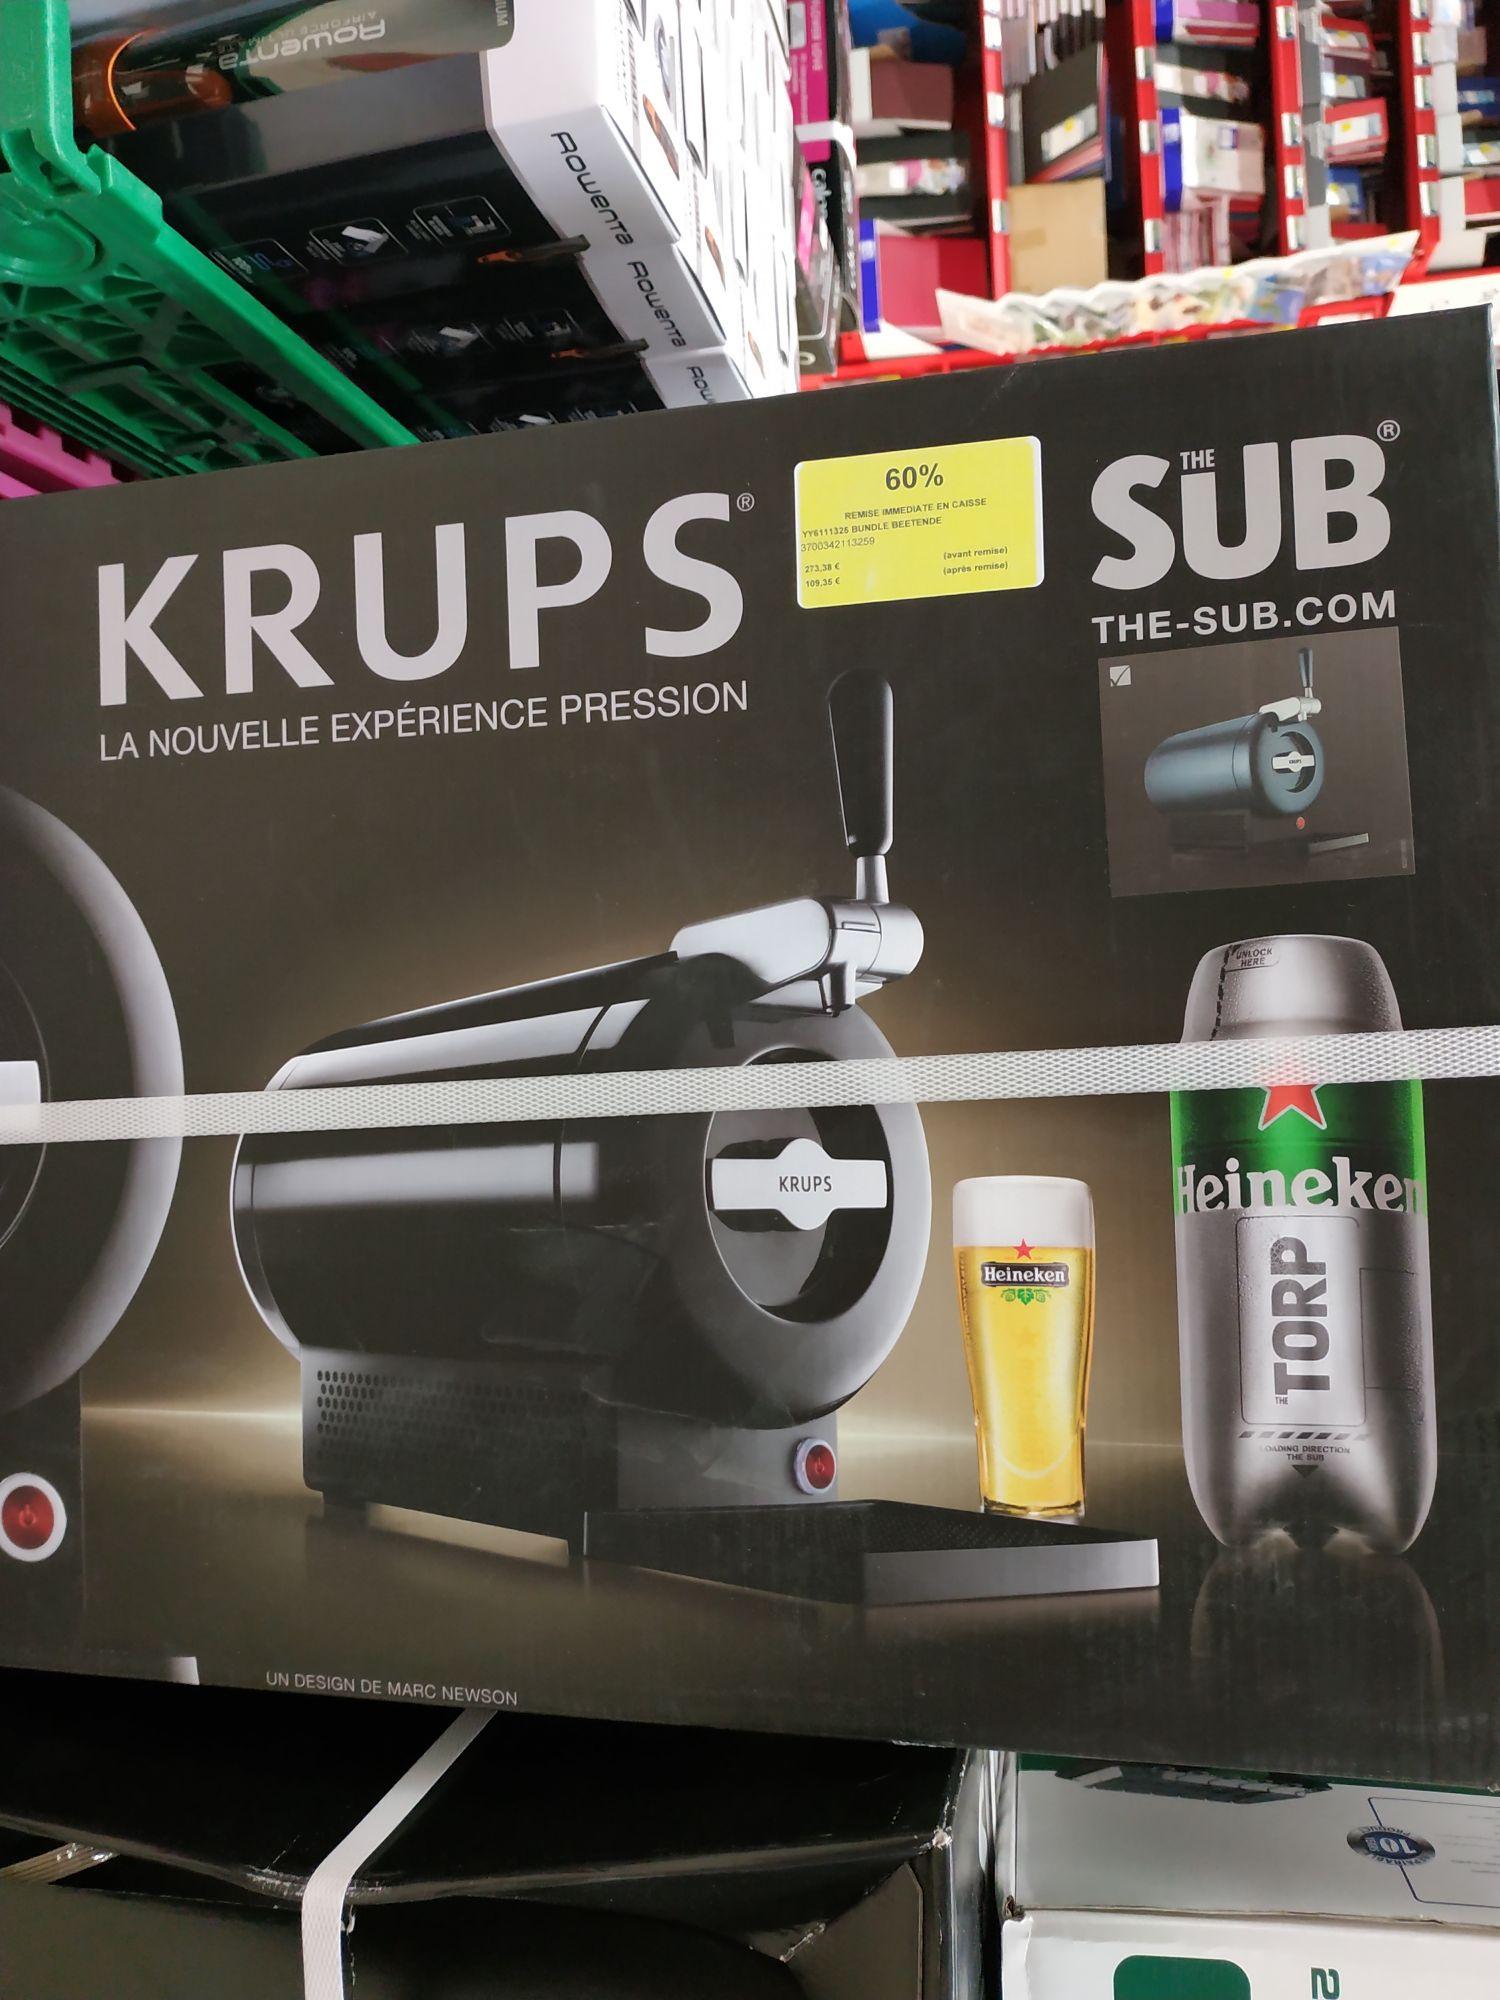 Pompe à bière KRUPS à Carrefour Aire-sur-la-Lys (62)